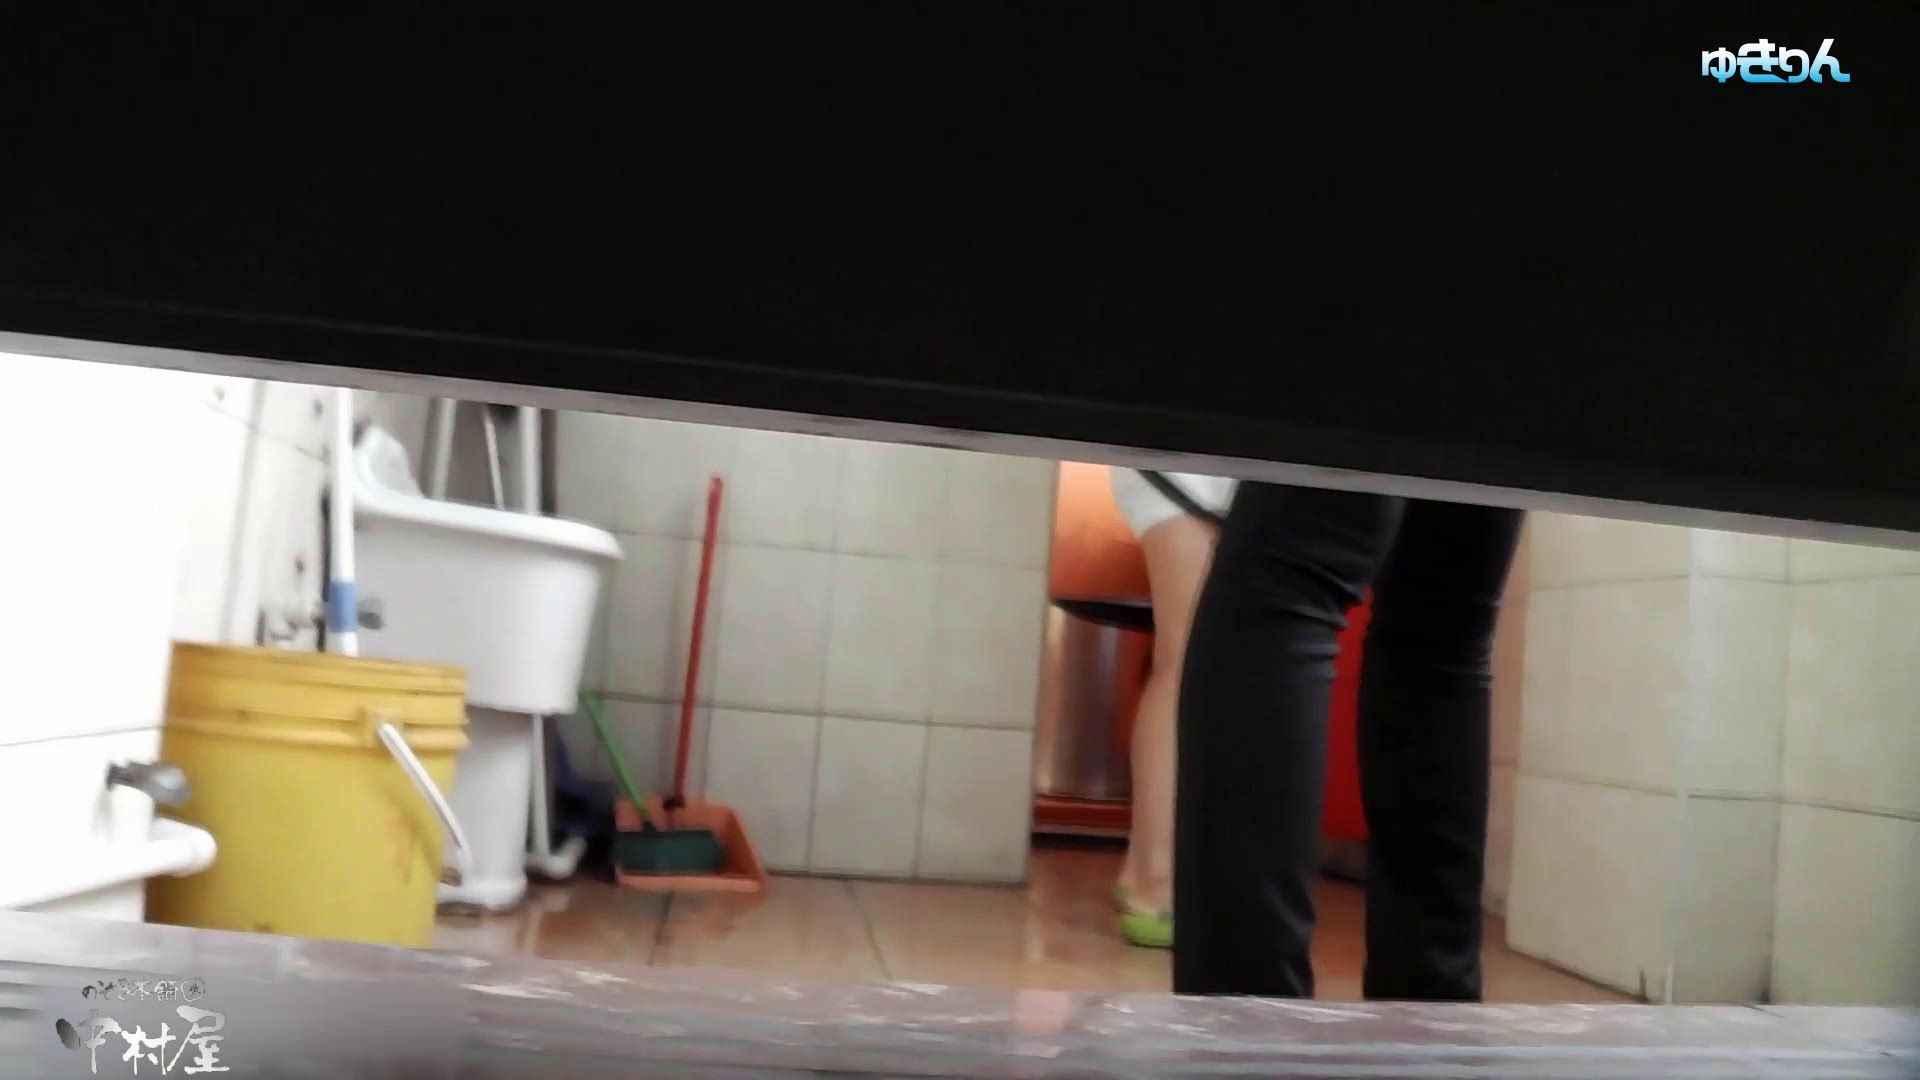 世界の射窓から~ステーション編 vol60 ユキリン粘着撮り!!今回はタイトなパンツが似合う美女 美女丸裸  100pic 68